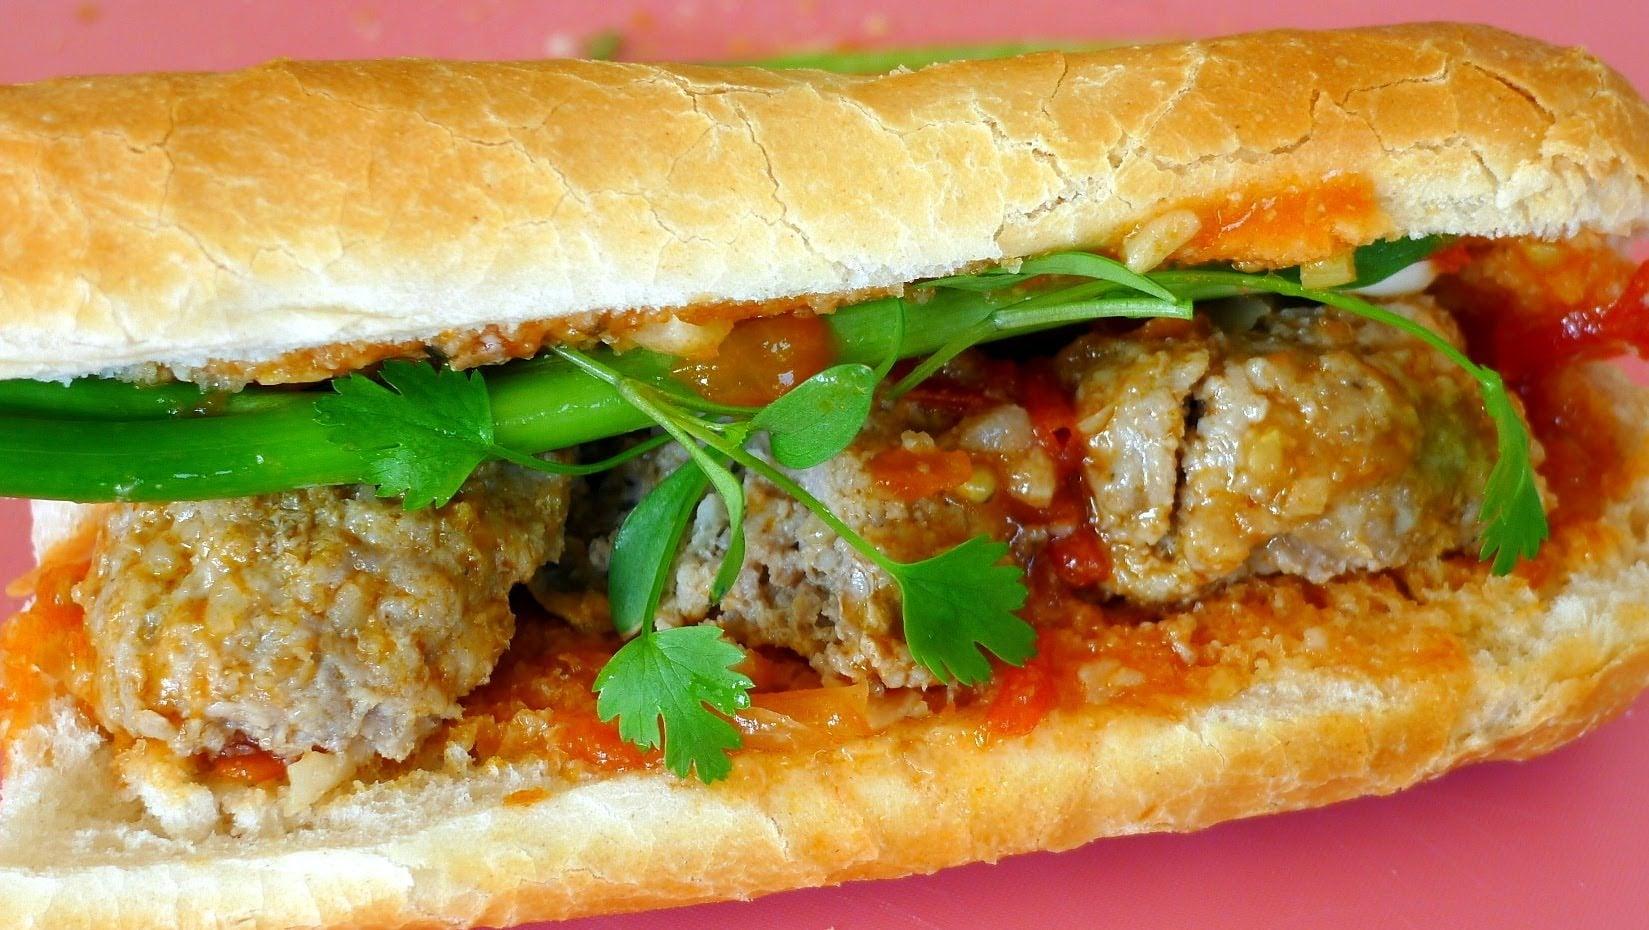 Vietnamese Meatball Sandwich Recipe – Bánh Mì Xíu Mại